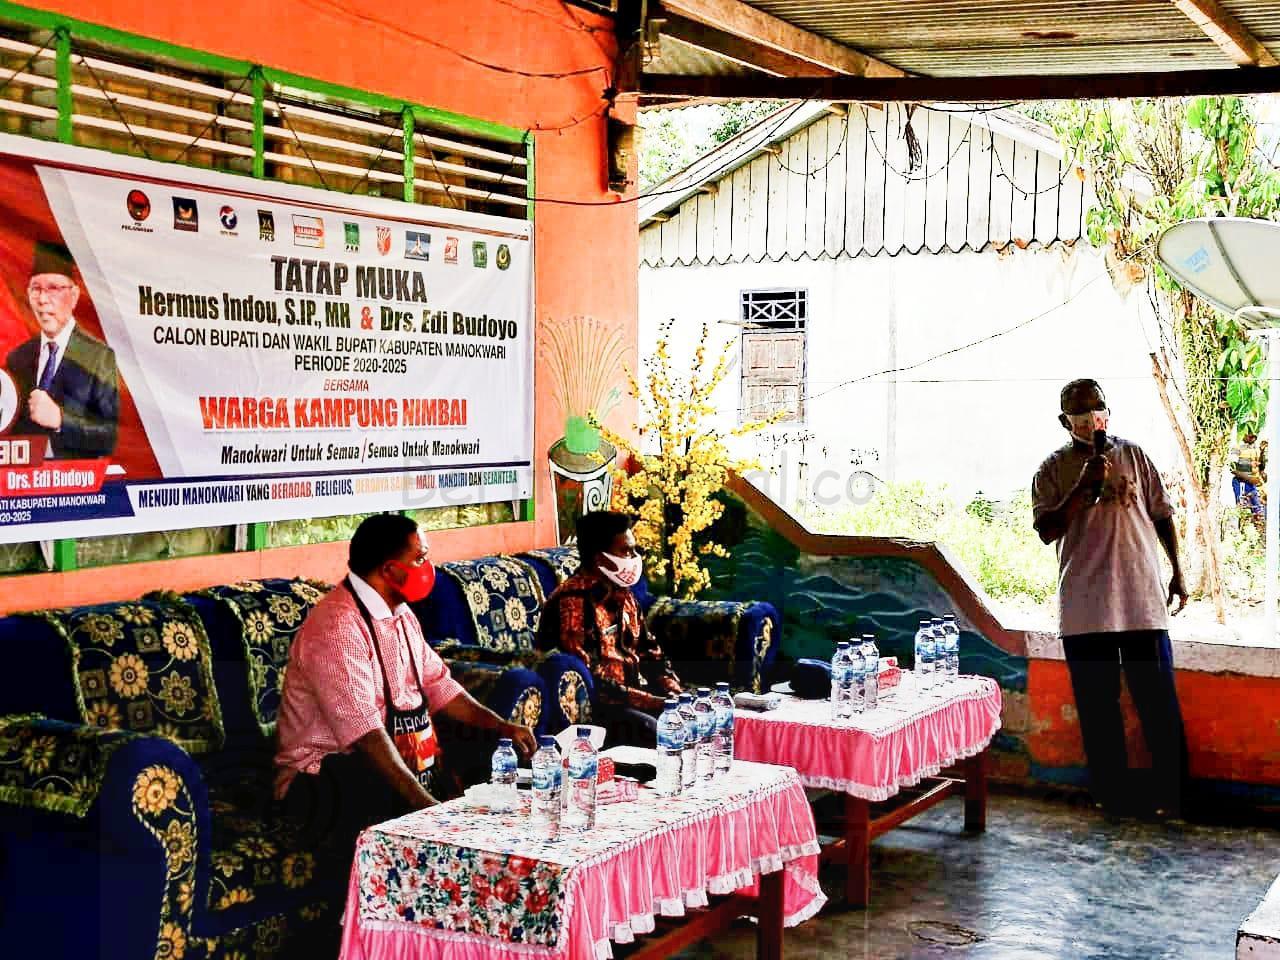 Hermus Indou: Pilih Paslon Membangun Masyarakat, Bukan Janji Dan Rupiah 24 IMG 20201031 WA0028 1